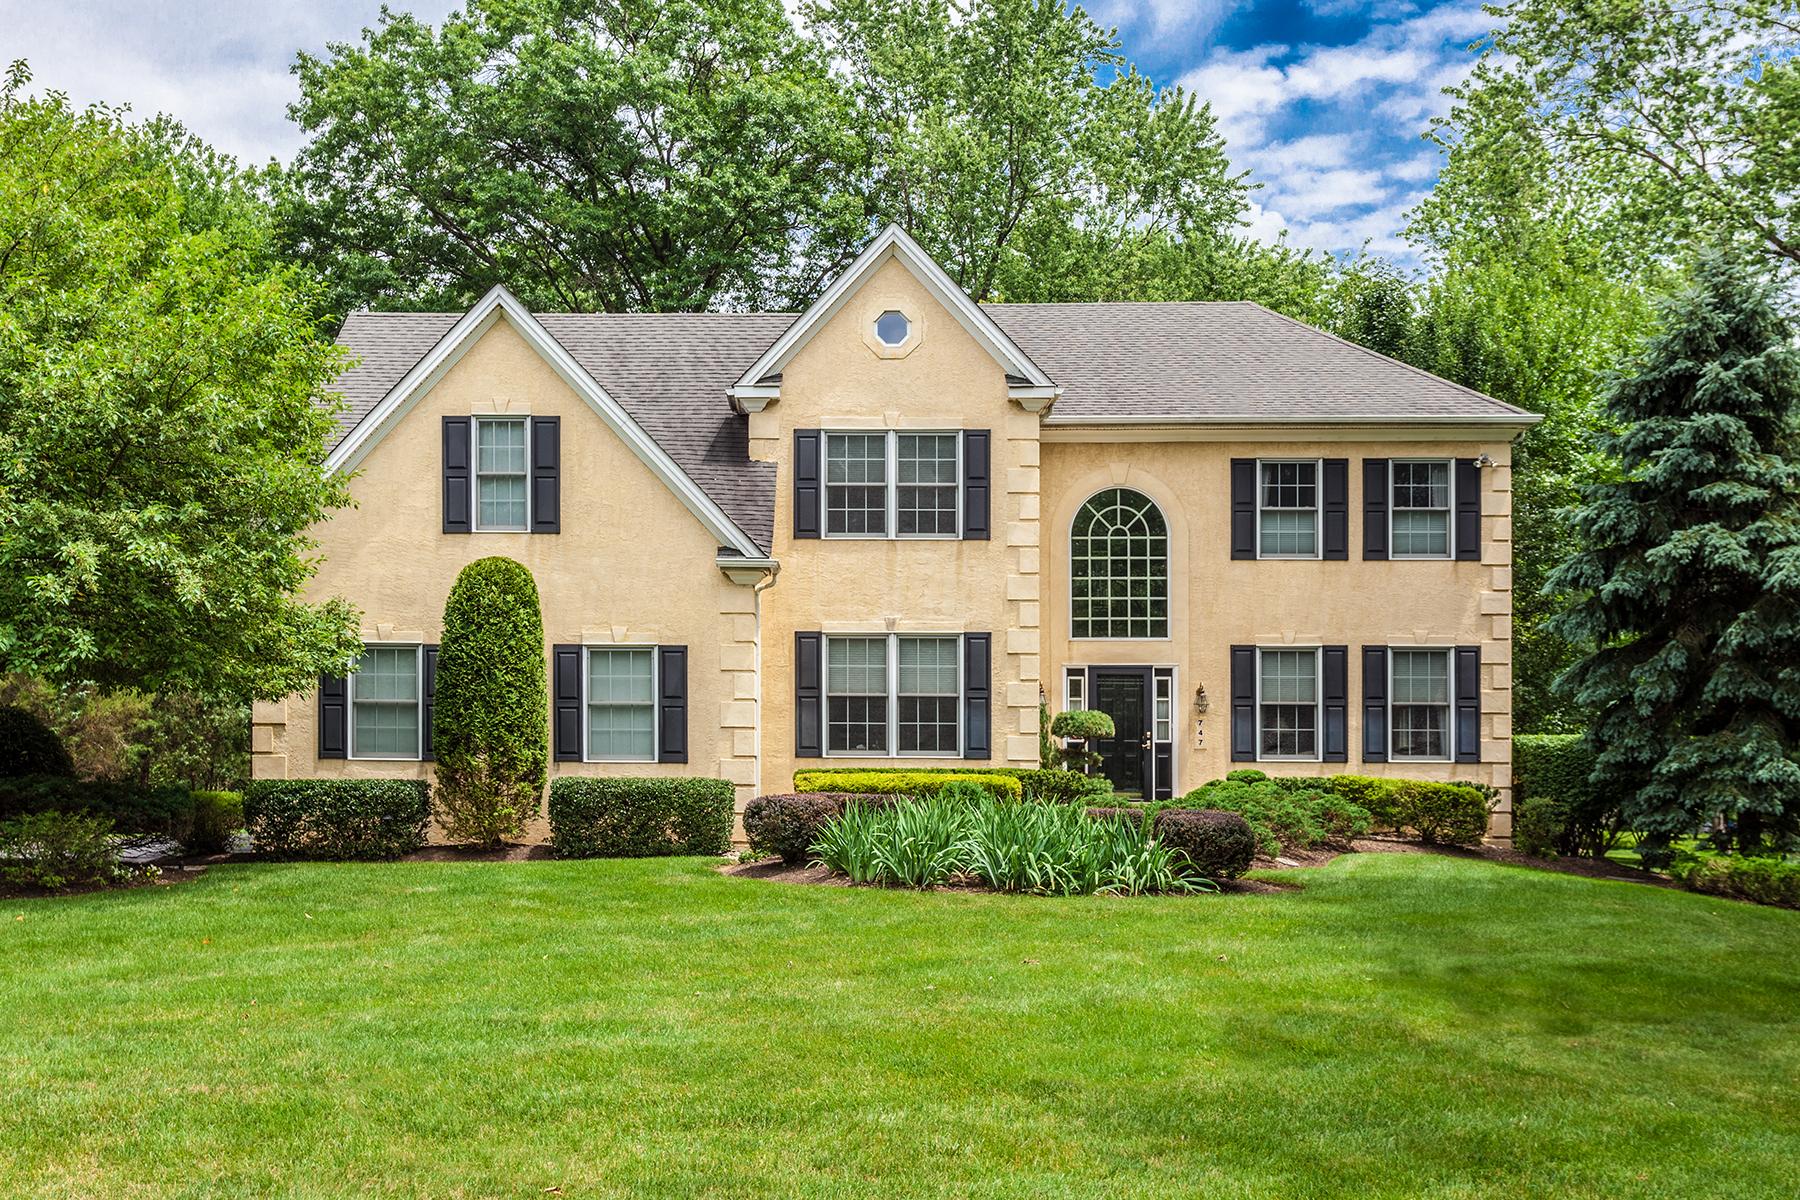 Частный односемейный дом для того Продажа на Ambler, PA 747 Hemingway Drive Ambler, Пенсильвания 19002 Соединенные Штаты